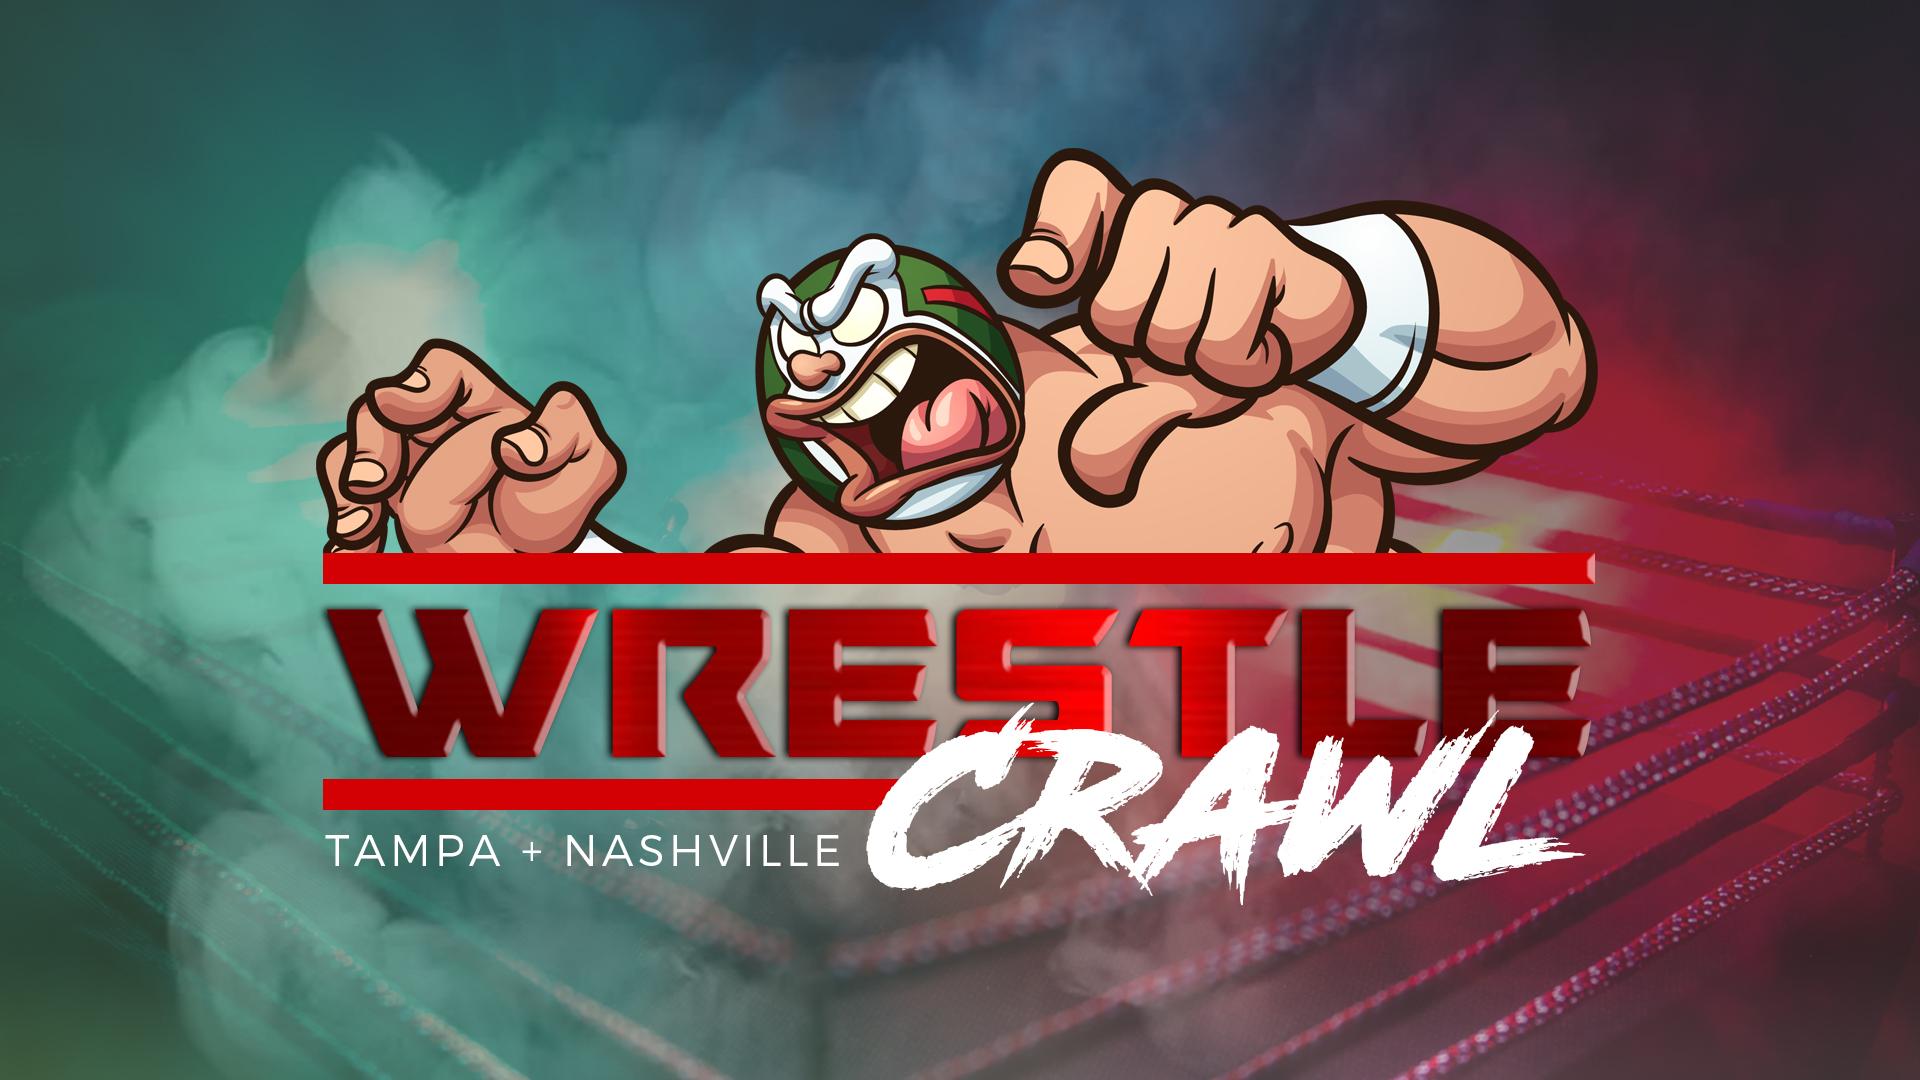 Wrestle Mania Bar Crawl